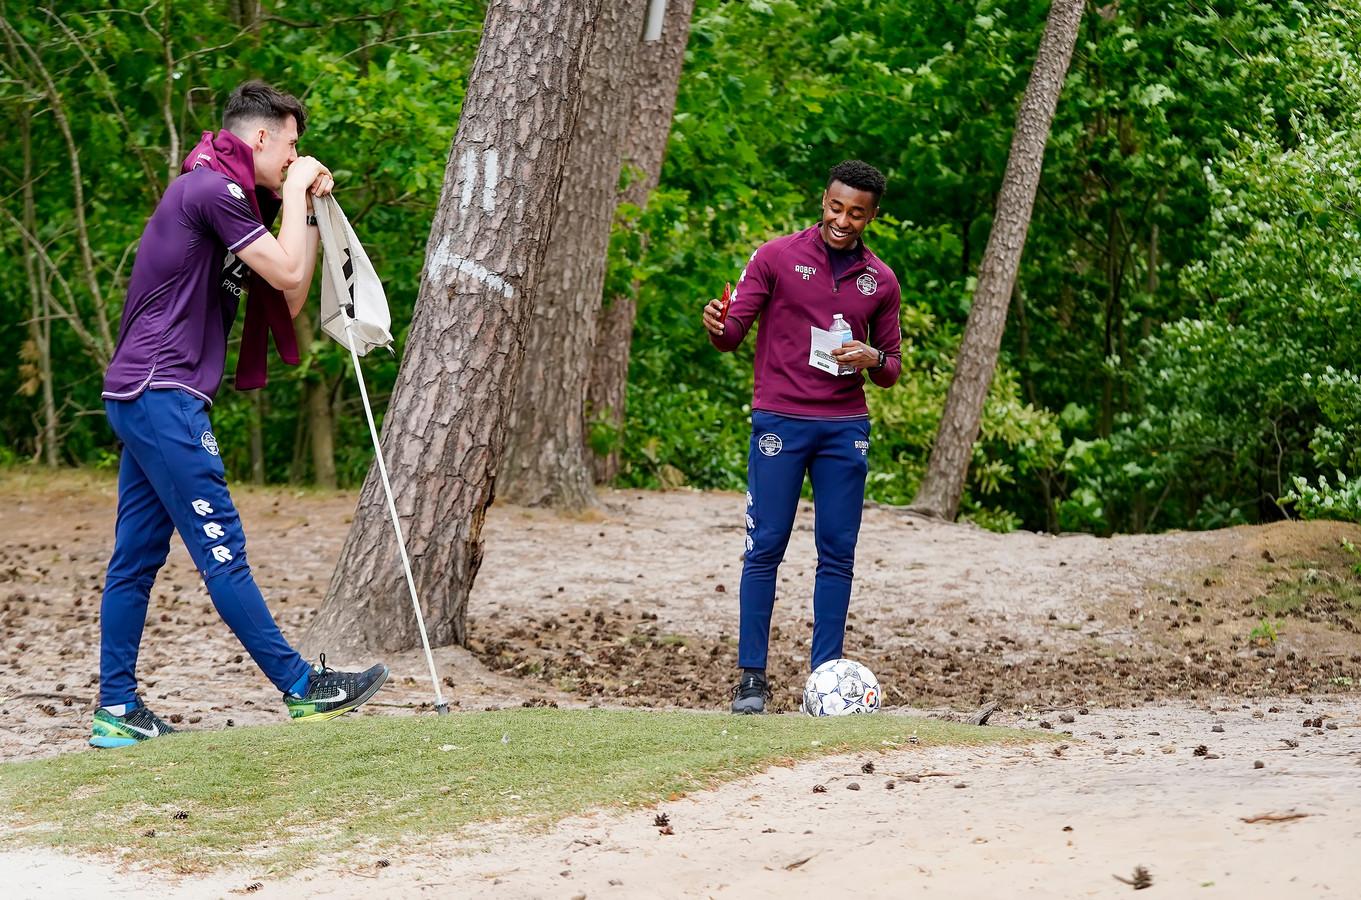 Mike Tresor Ndayishimiye (rechts) was een van de drie winnaars van het toernooitje